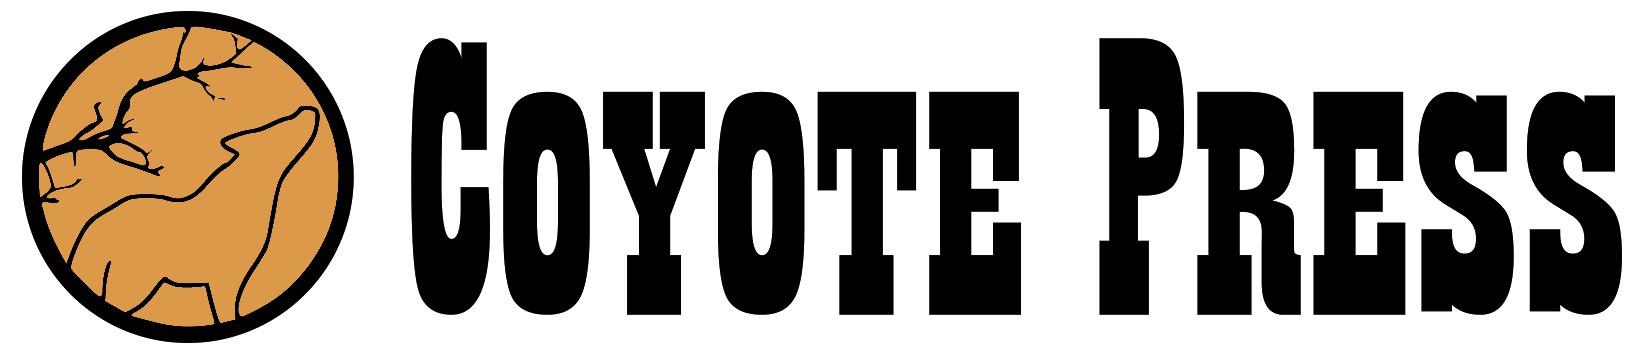 Coyote Press